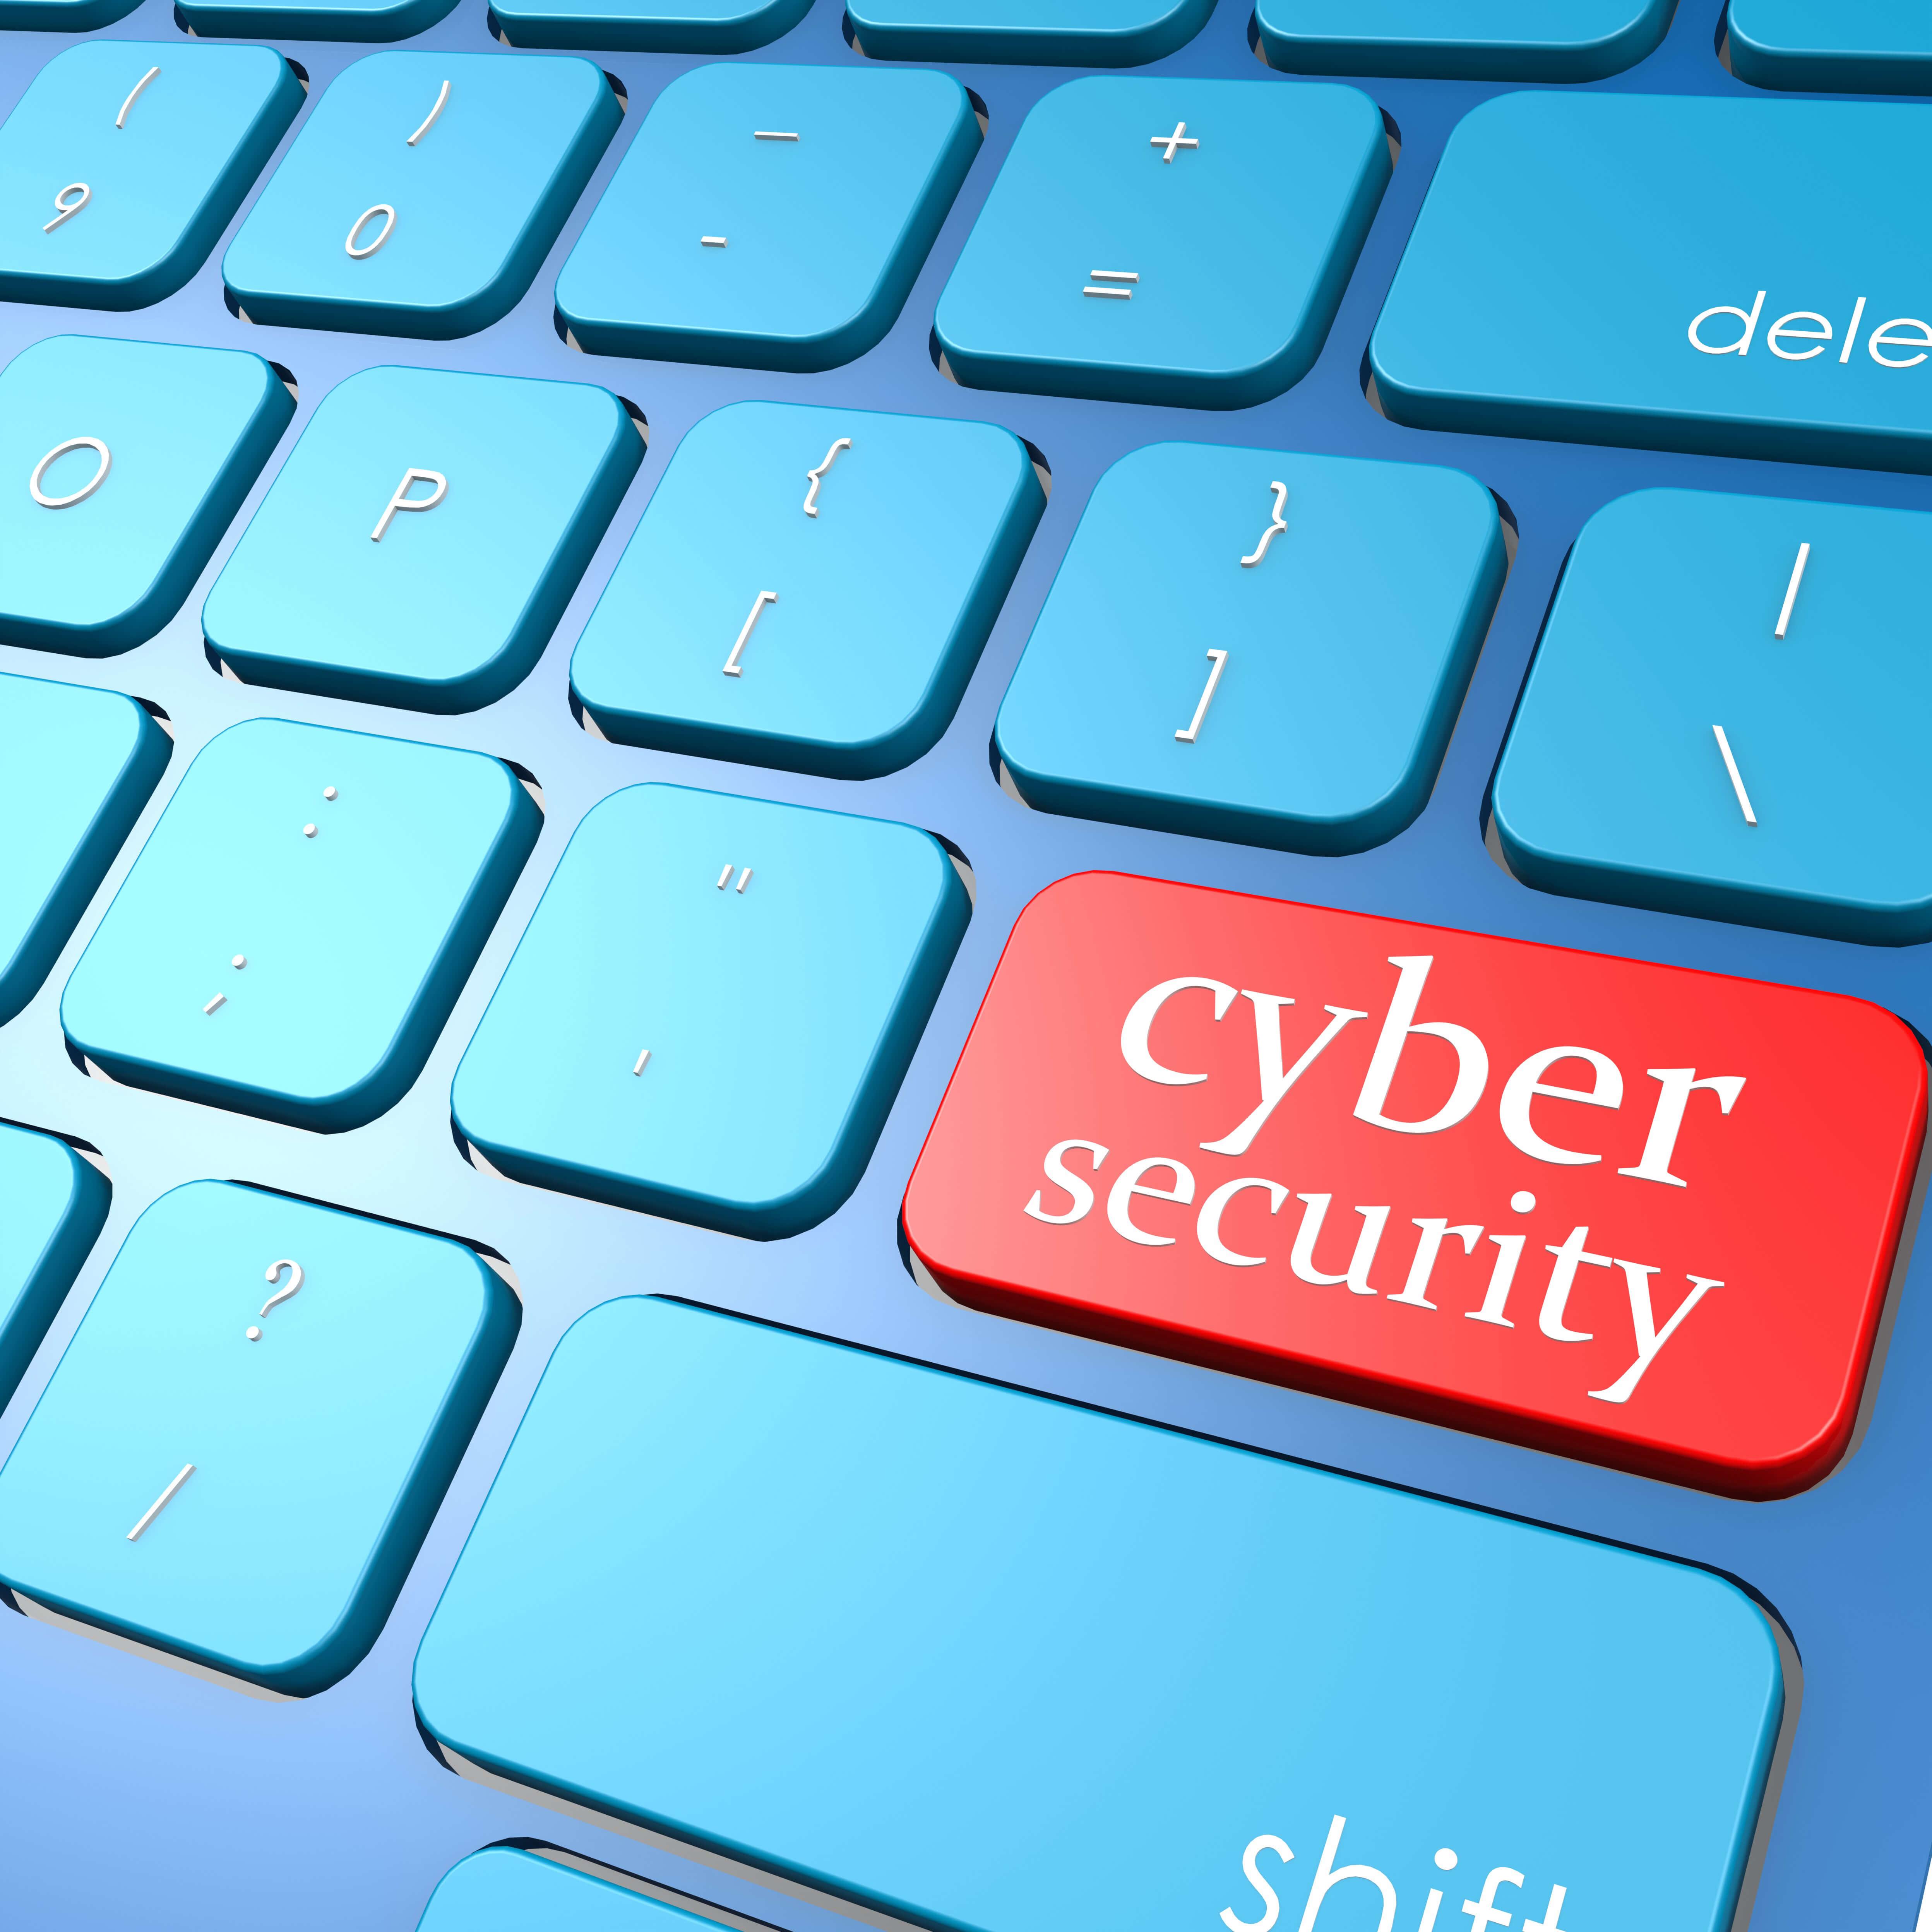 Internet, internettet, cyber, cybersikkerhed, hacker, hack, hacking, computer, sikkerhed